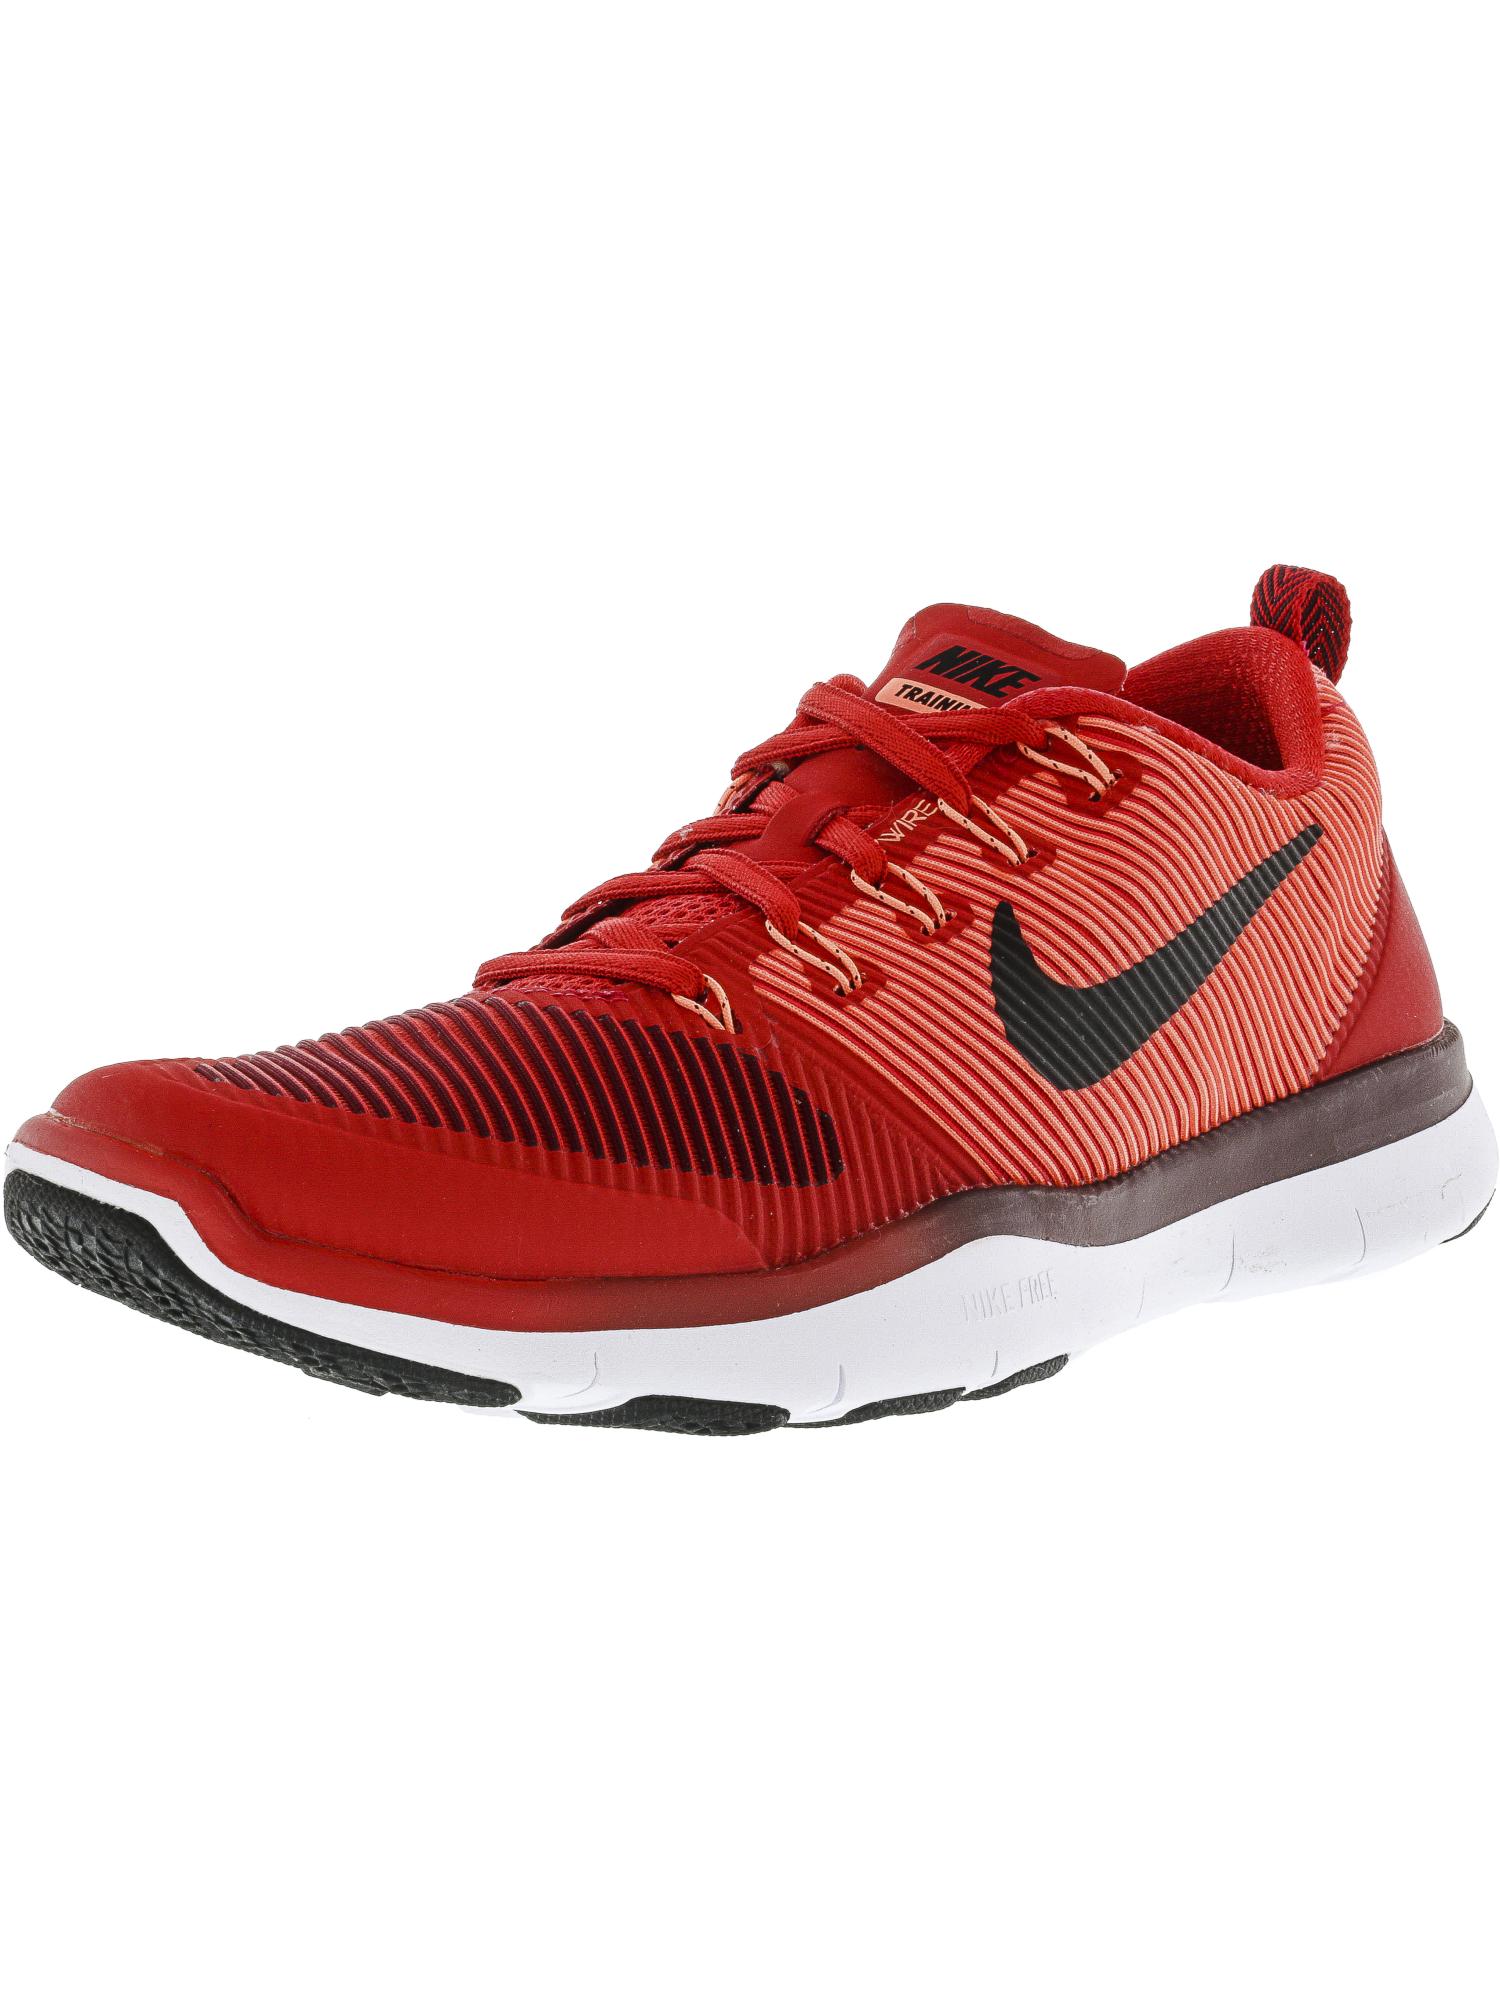 Nike vielseitigkeit männer freie bahn vielseitigkeit Nike knöchel hohen crosstrainer schuh 27421c